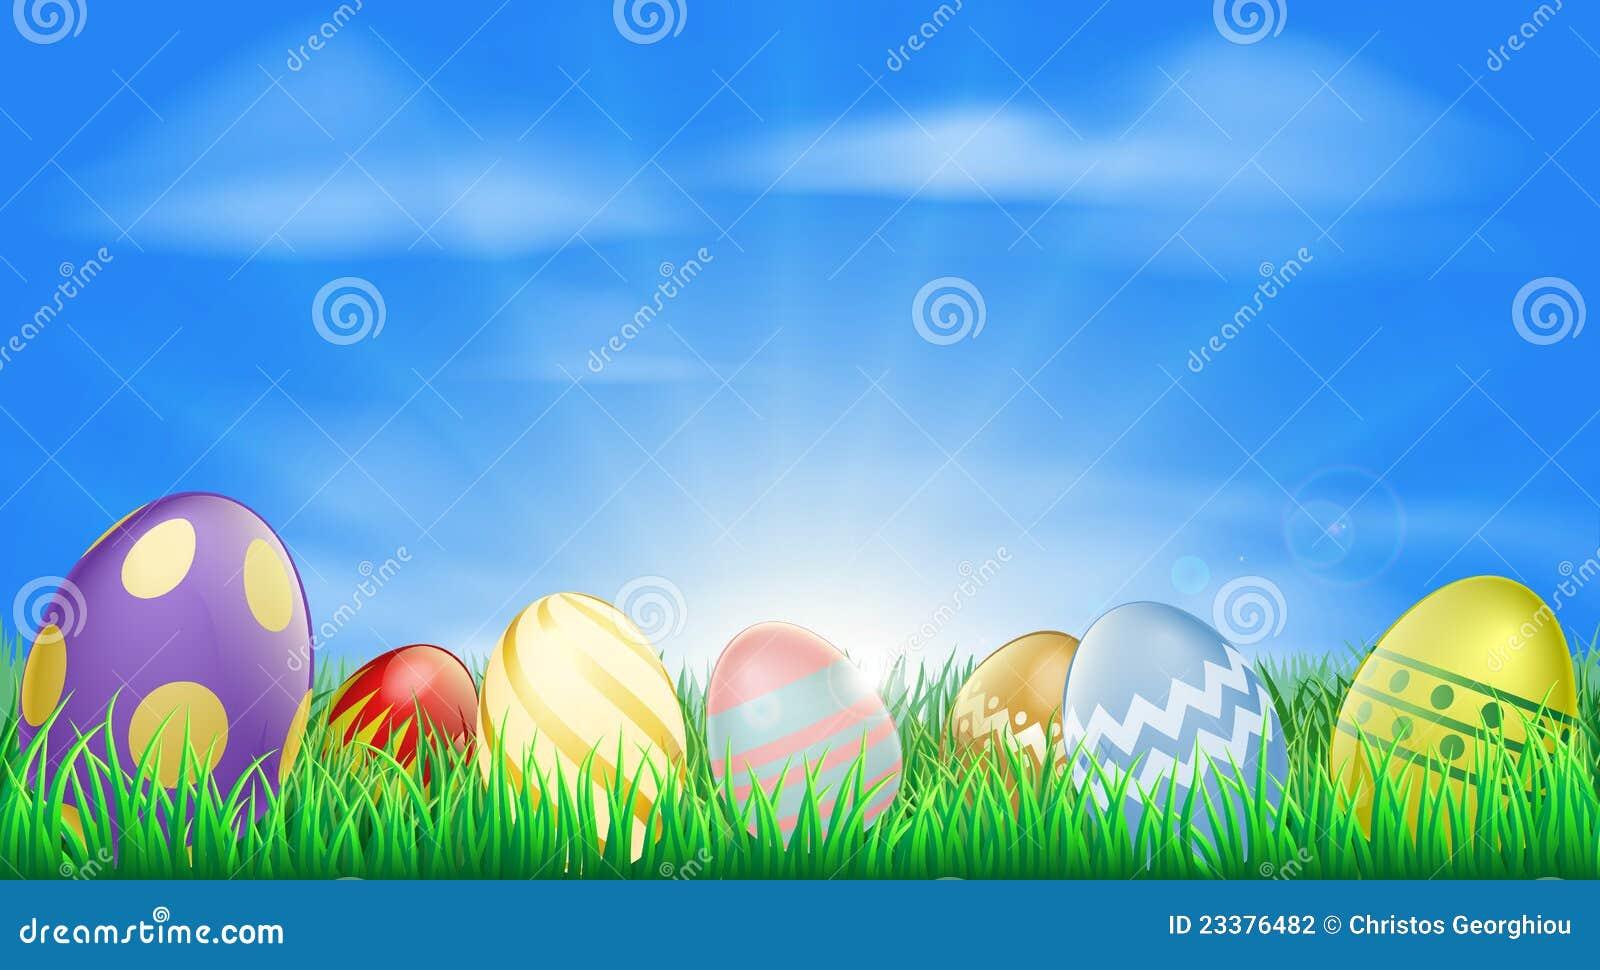 Fundo brilhante dos ovos de Easter